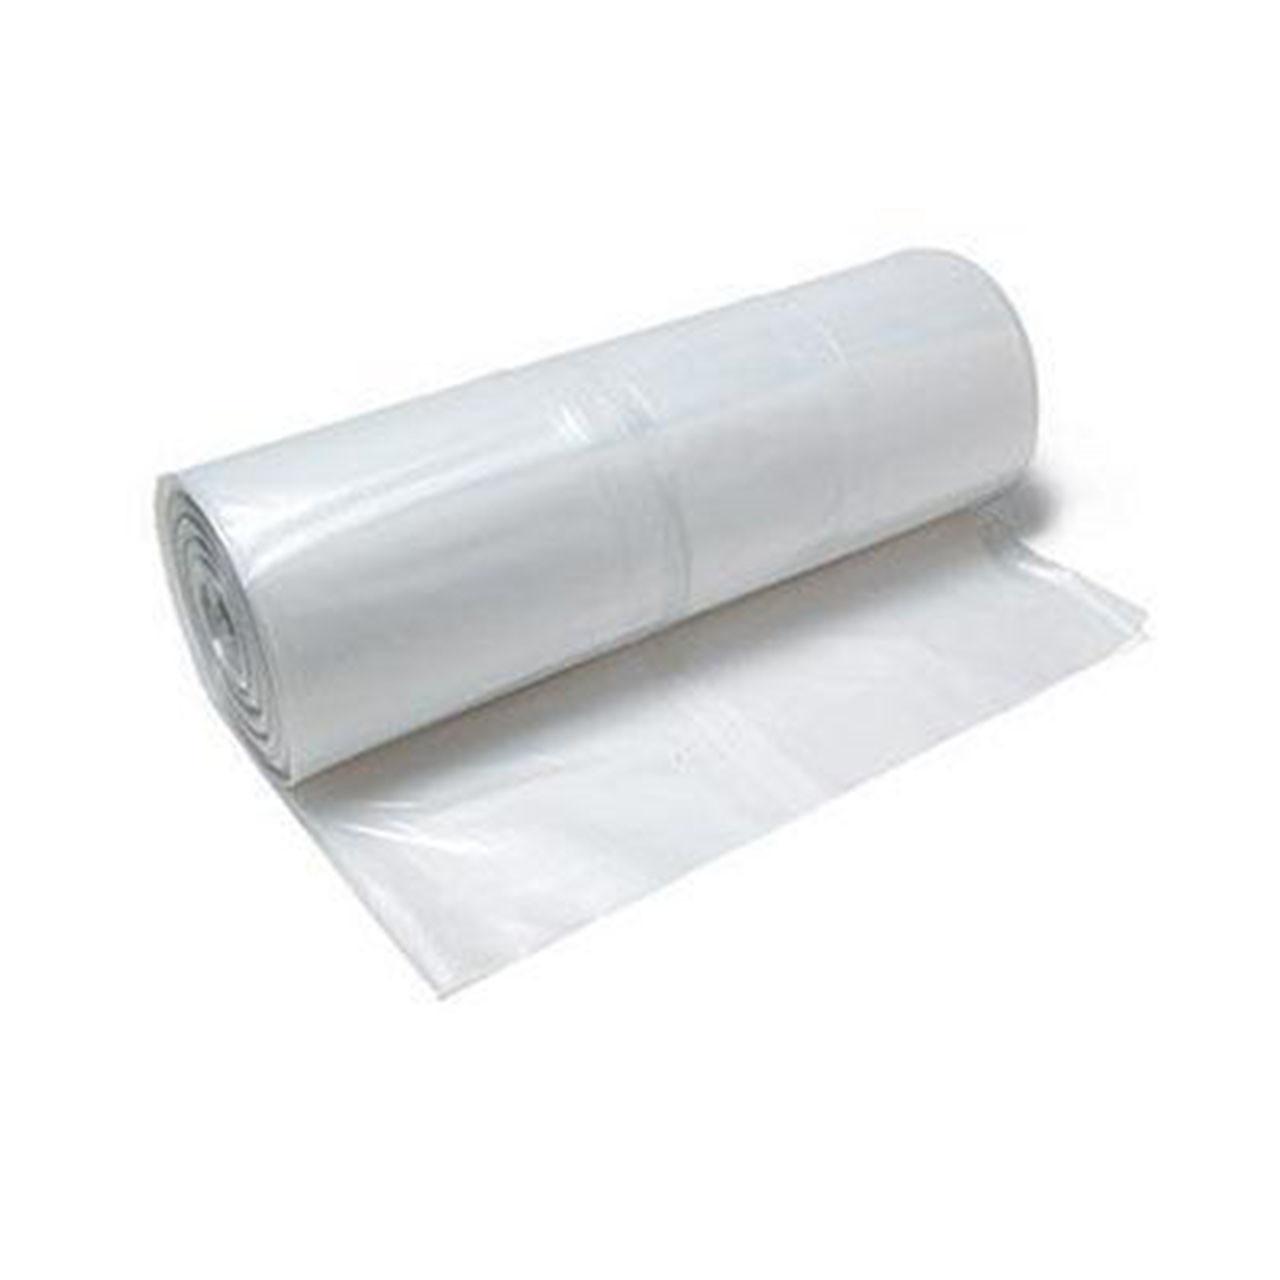 Plástico para invernadero transparente calibre 6